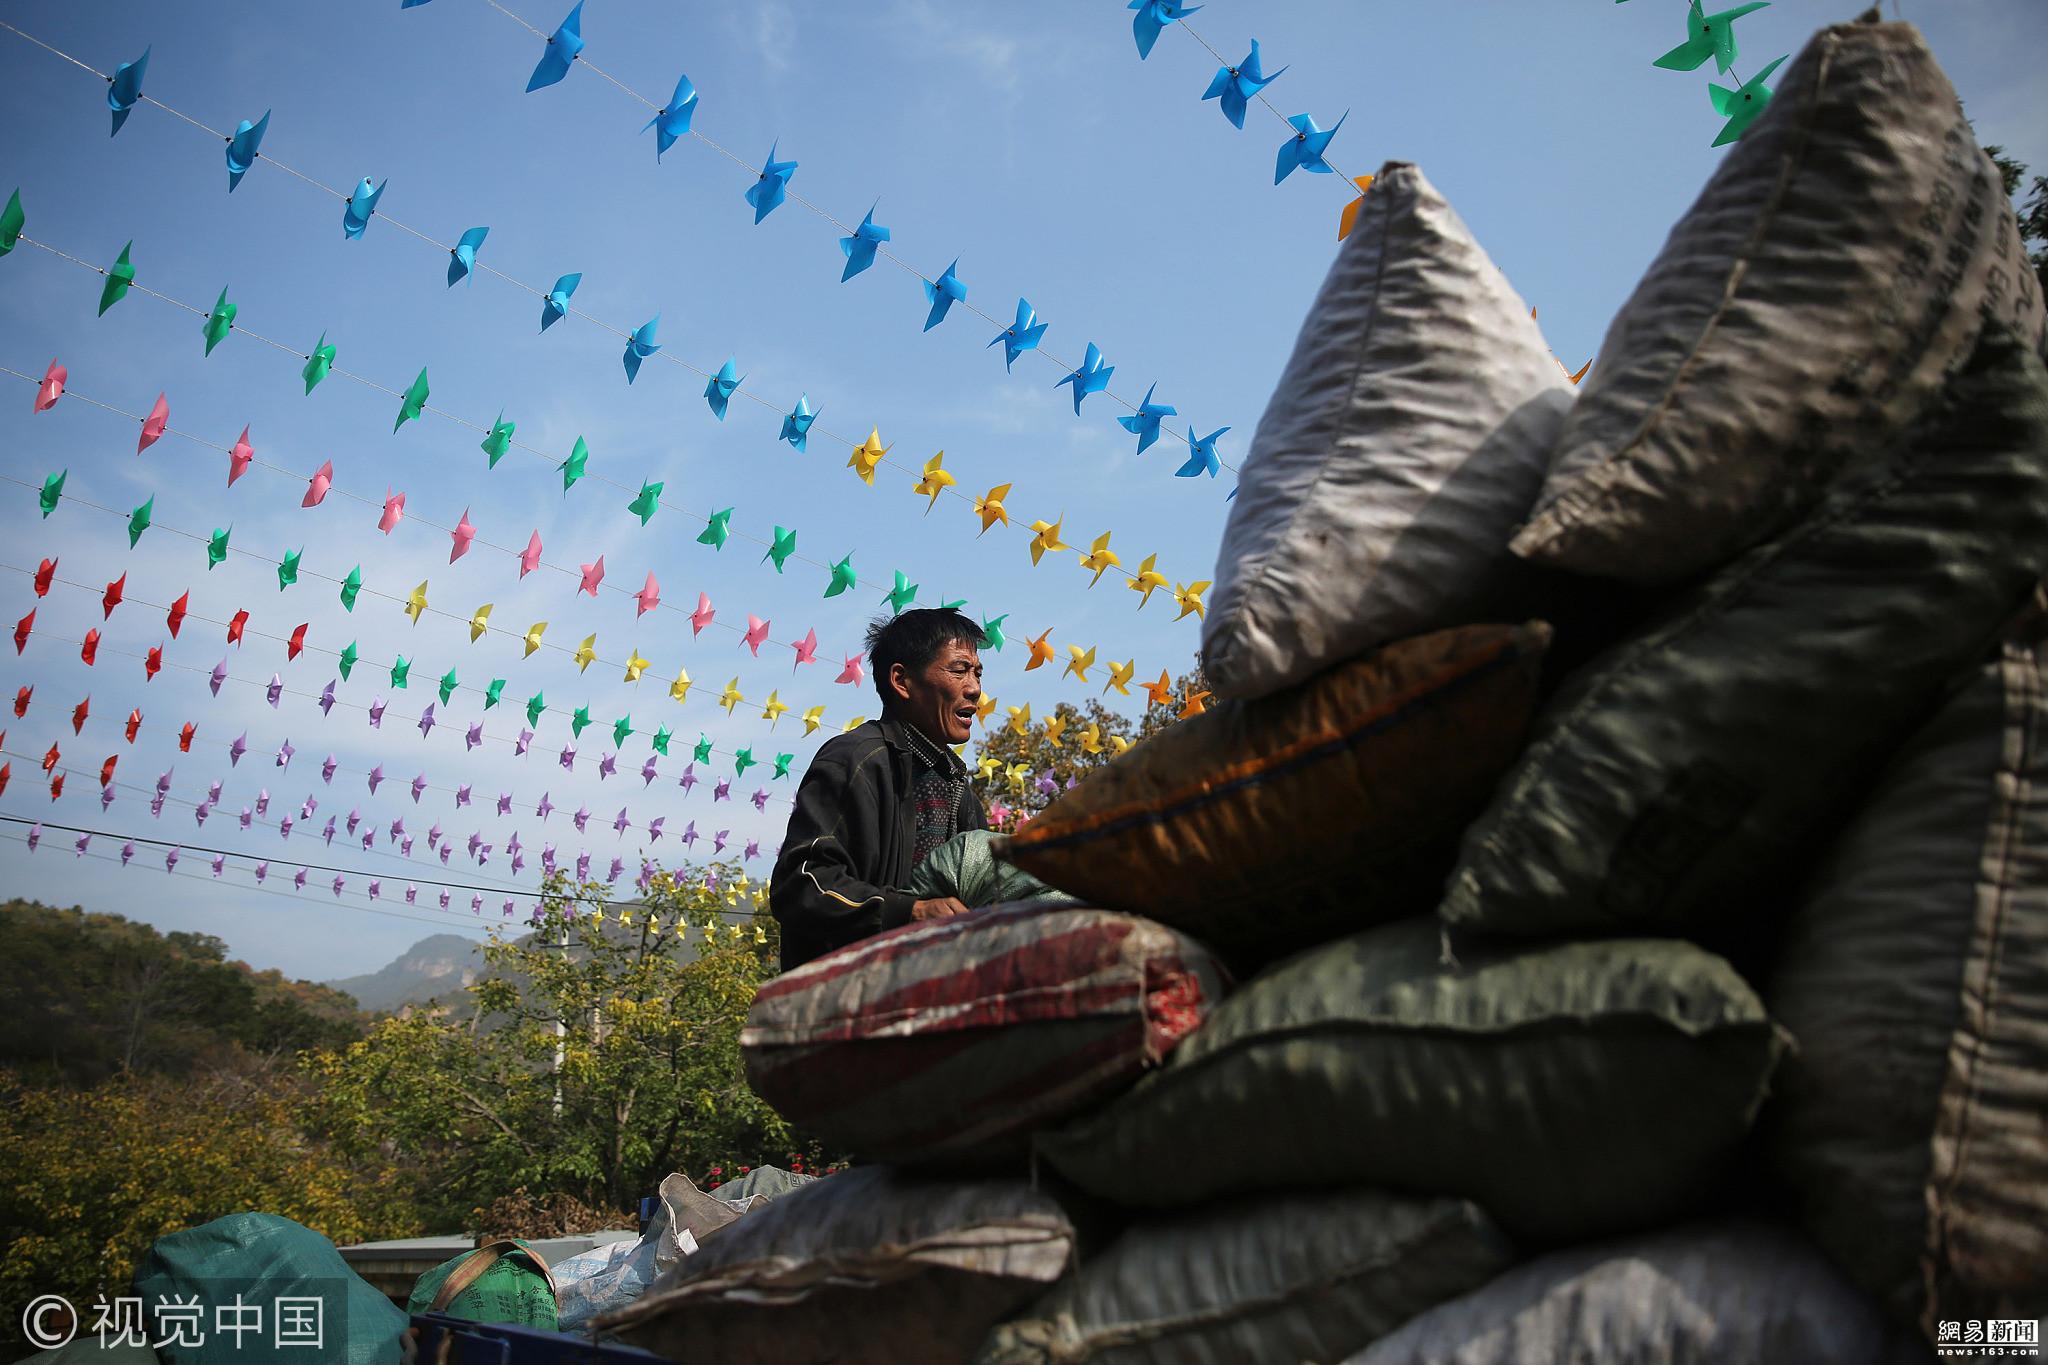 夫妻一天跨3省市收山楂 日收2万斤致富 - 周公乐 - xinhua8848 的博客